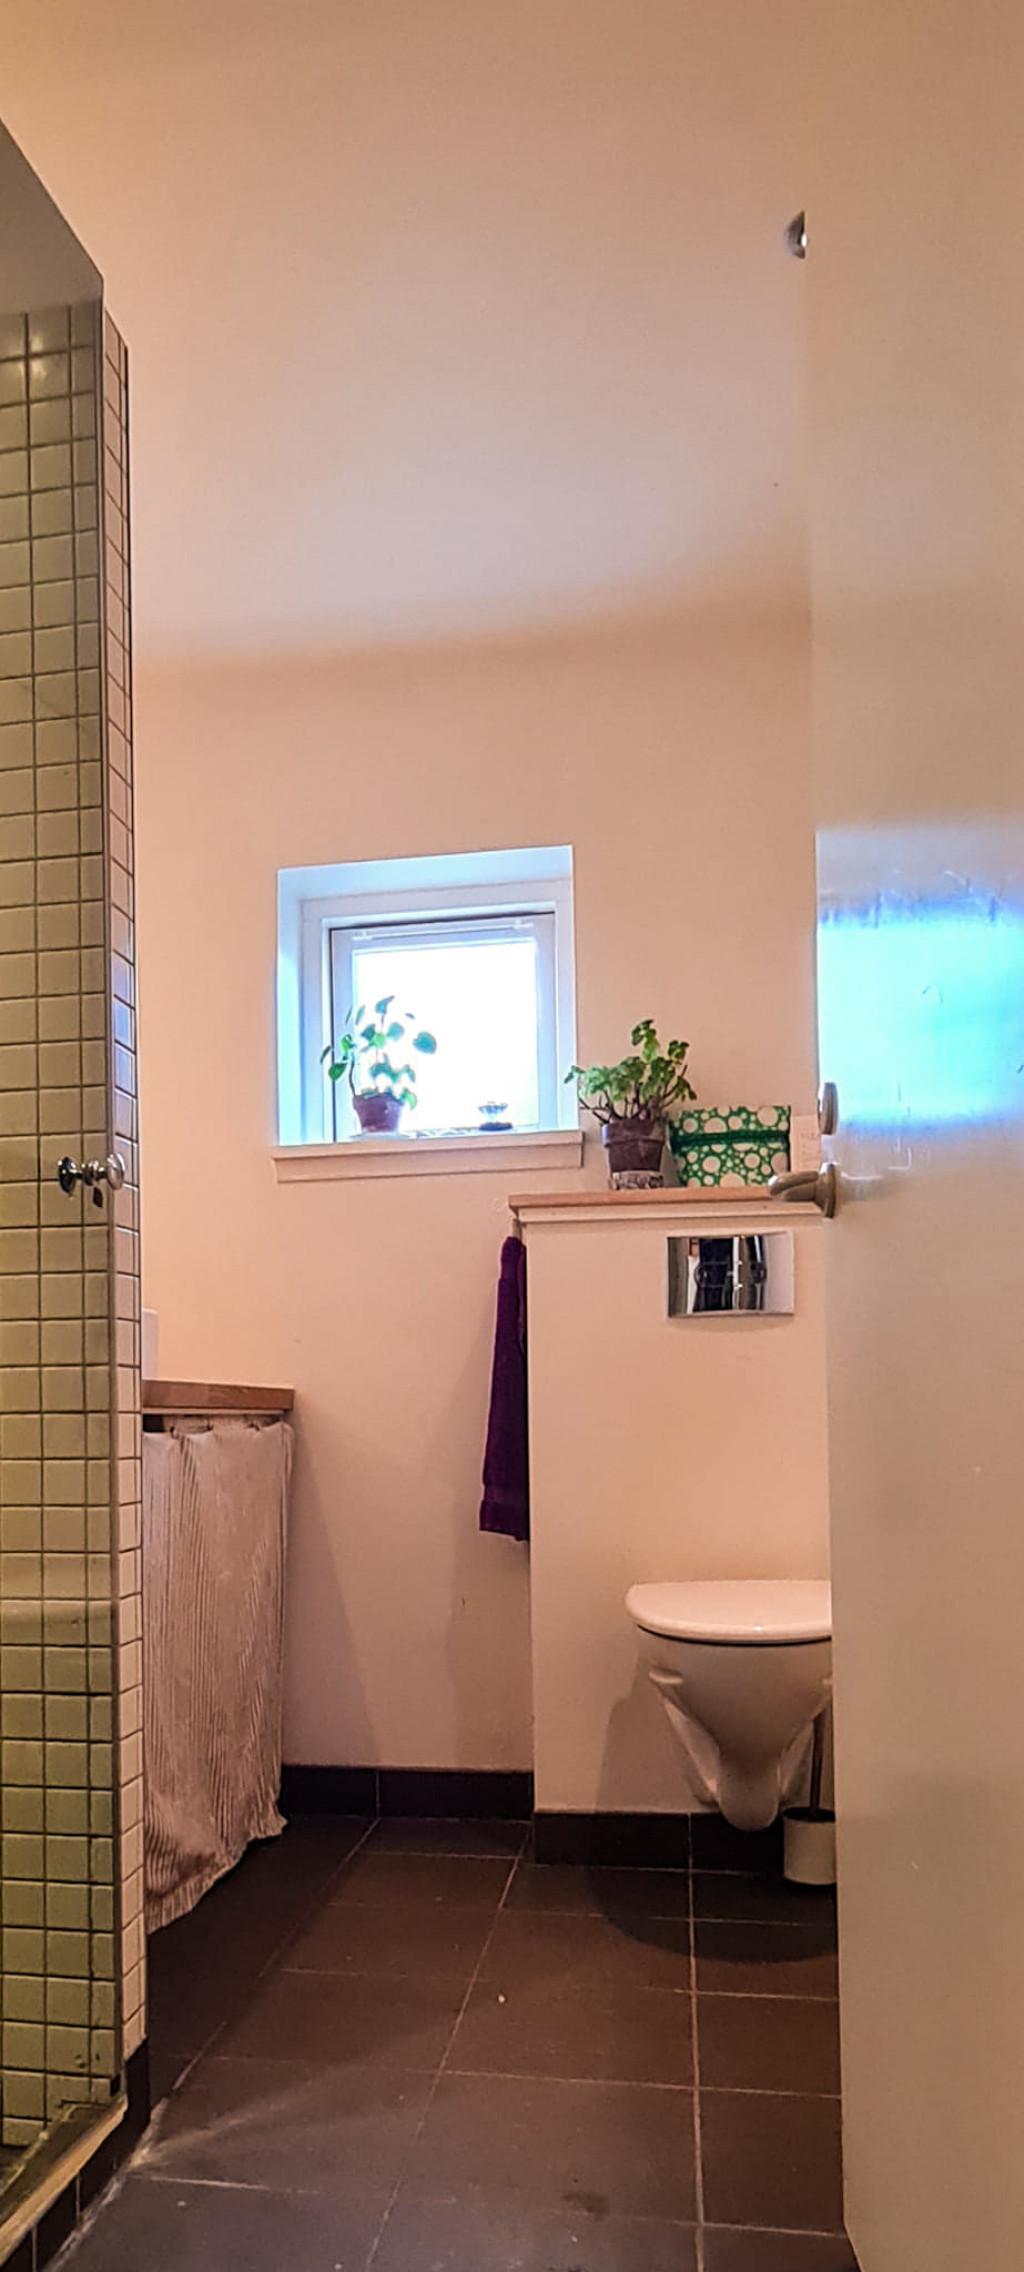 Familiebolig til salg i Holbæk - Toilet-96_db378e445e1f63118098481ff6809694